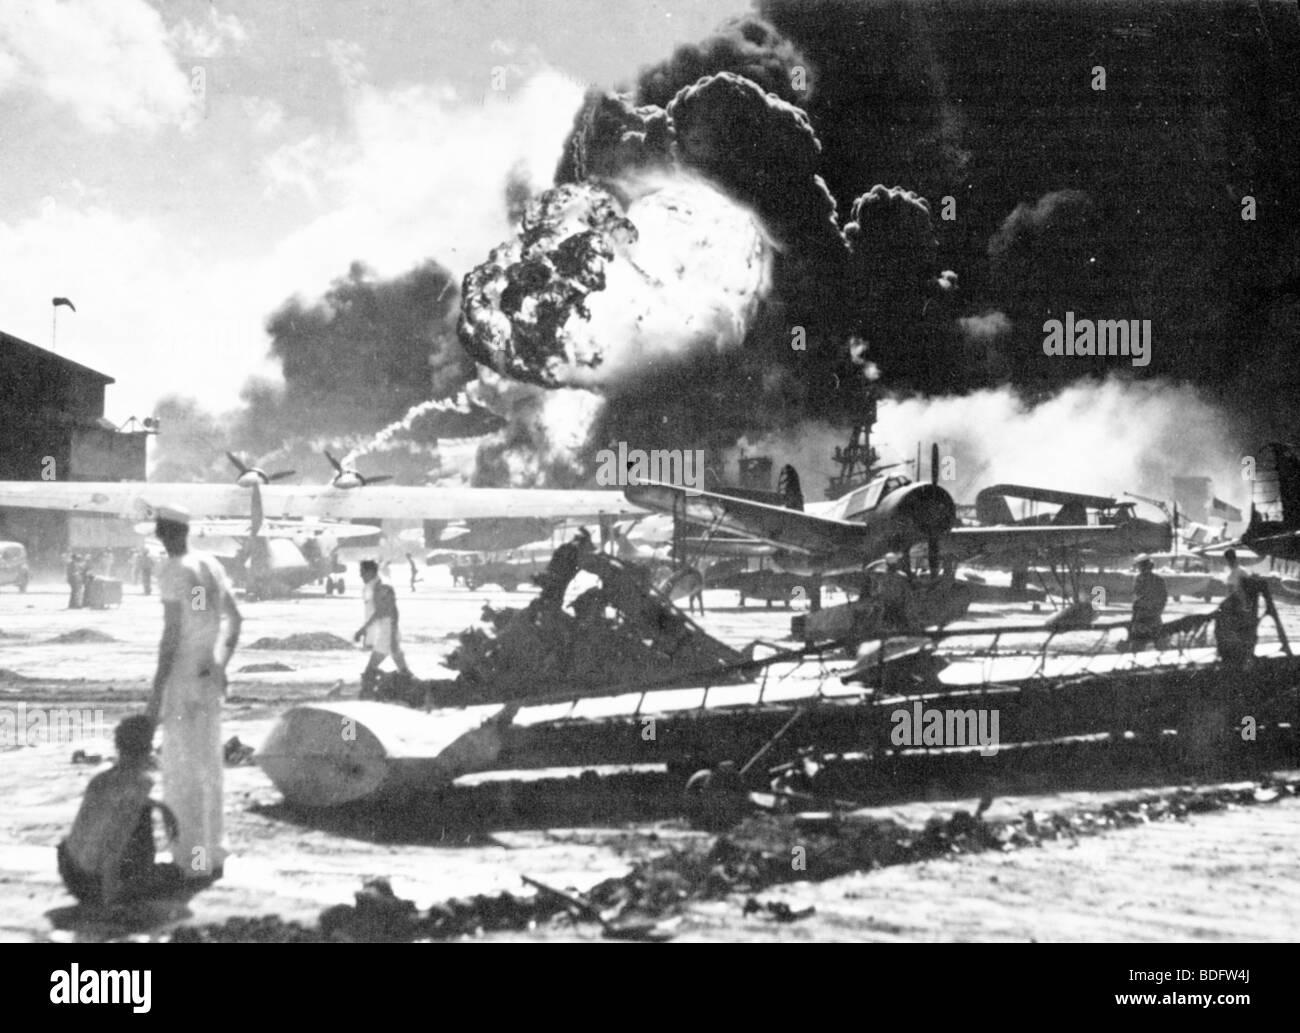 Ataque de Pearl Harbor por Japón en la base estadounidense en Oahu, Hawai el 7 de diciembre de 1941 Imagen De Stock